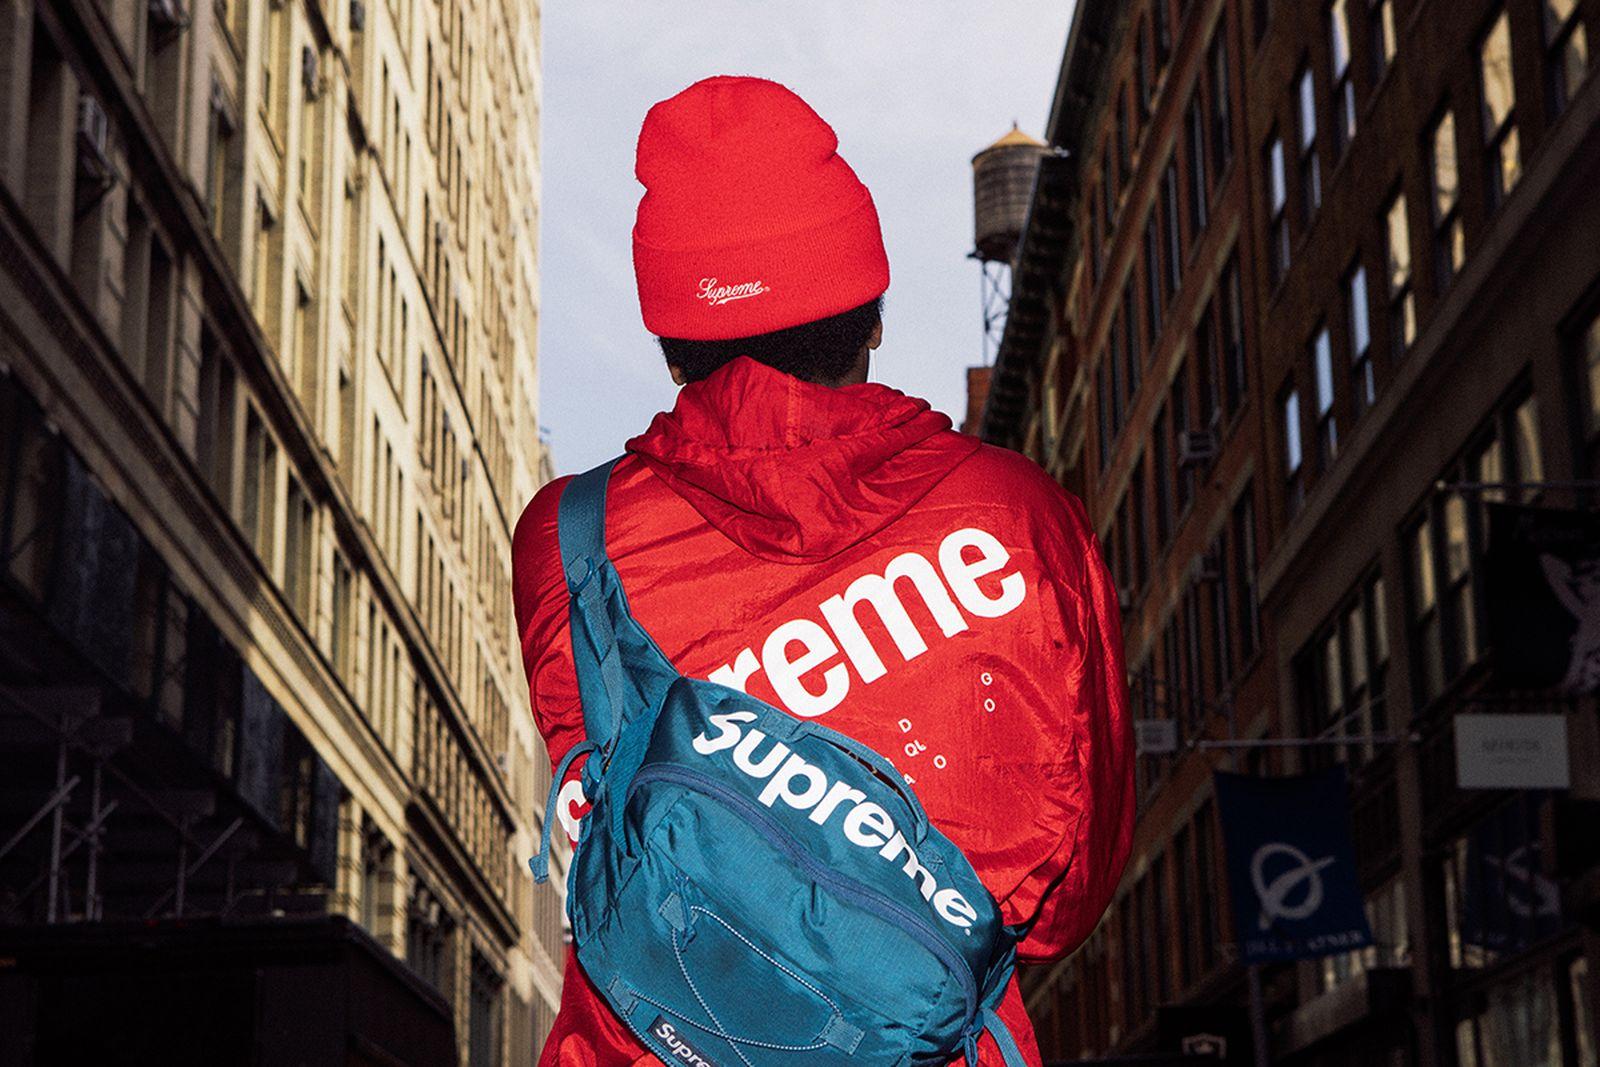 Red Supreme hat and jacket, blue Supreme bag